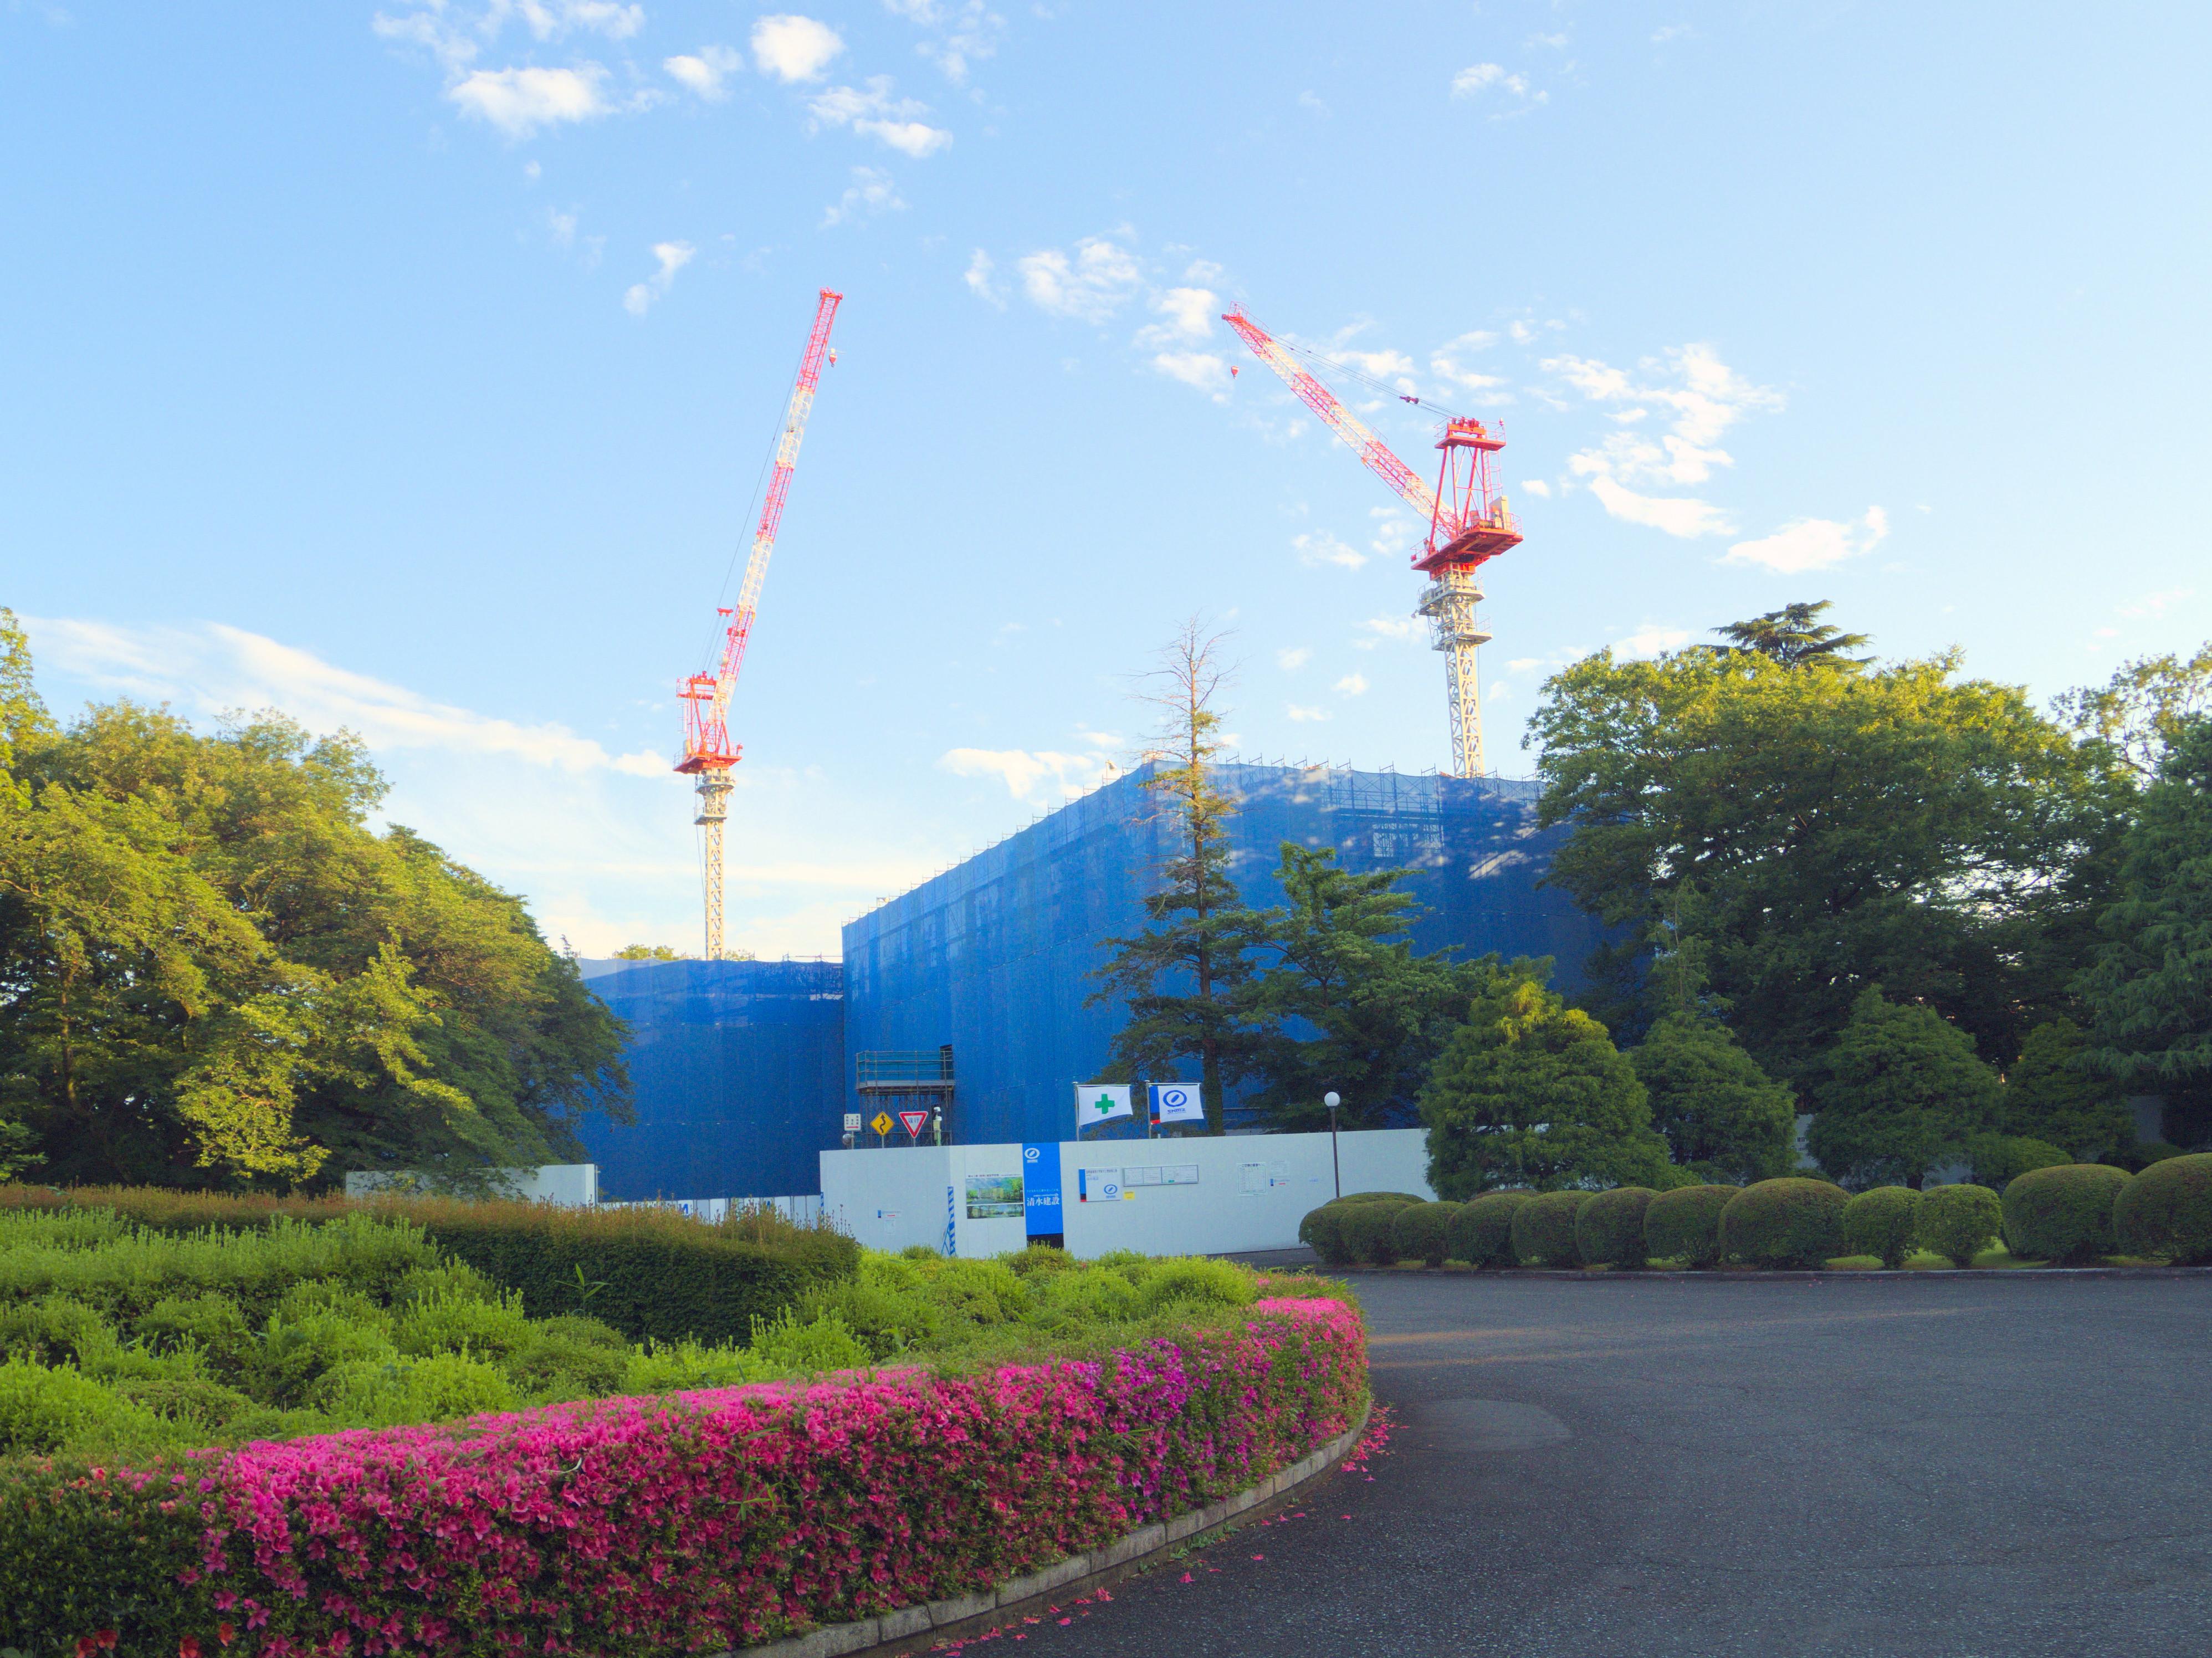 第二男子寮跡地では新しい学生寮2棟の建設が進められている。これもキャンパス・グランド・デザインの一環だ。